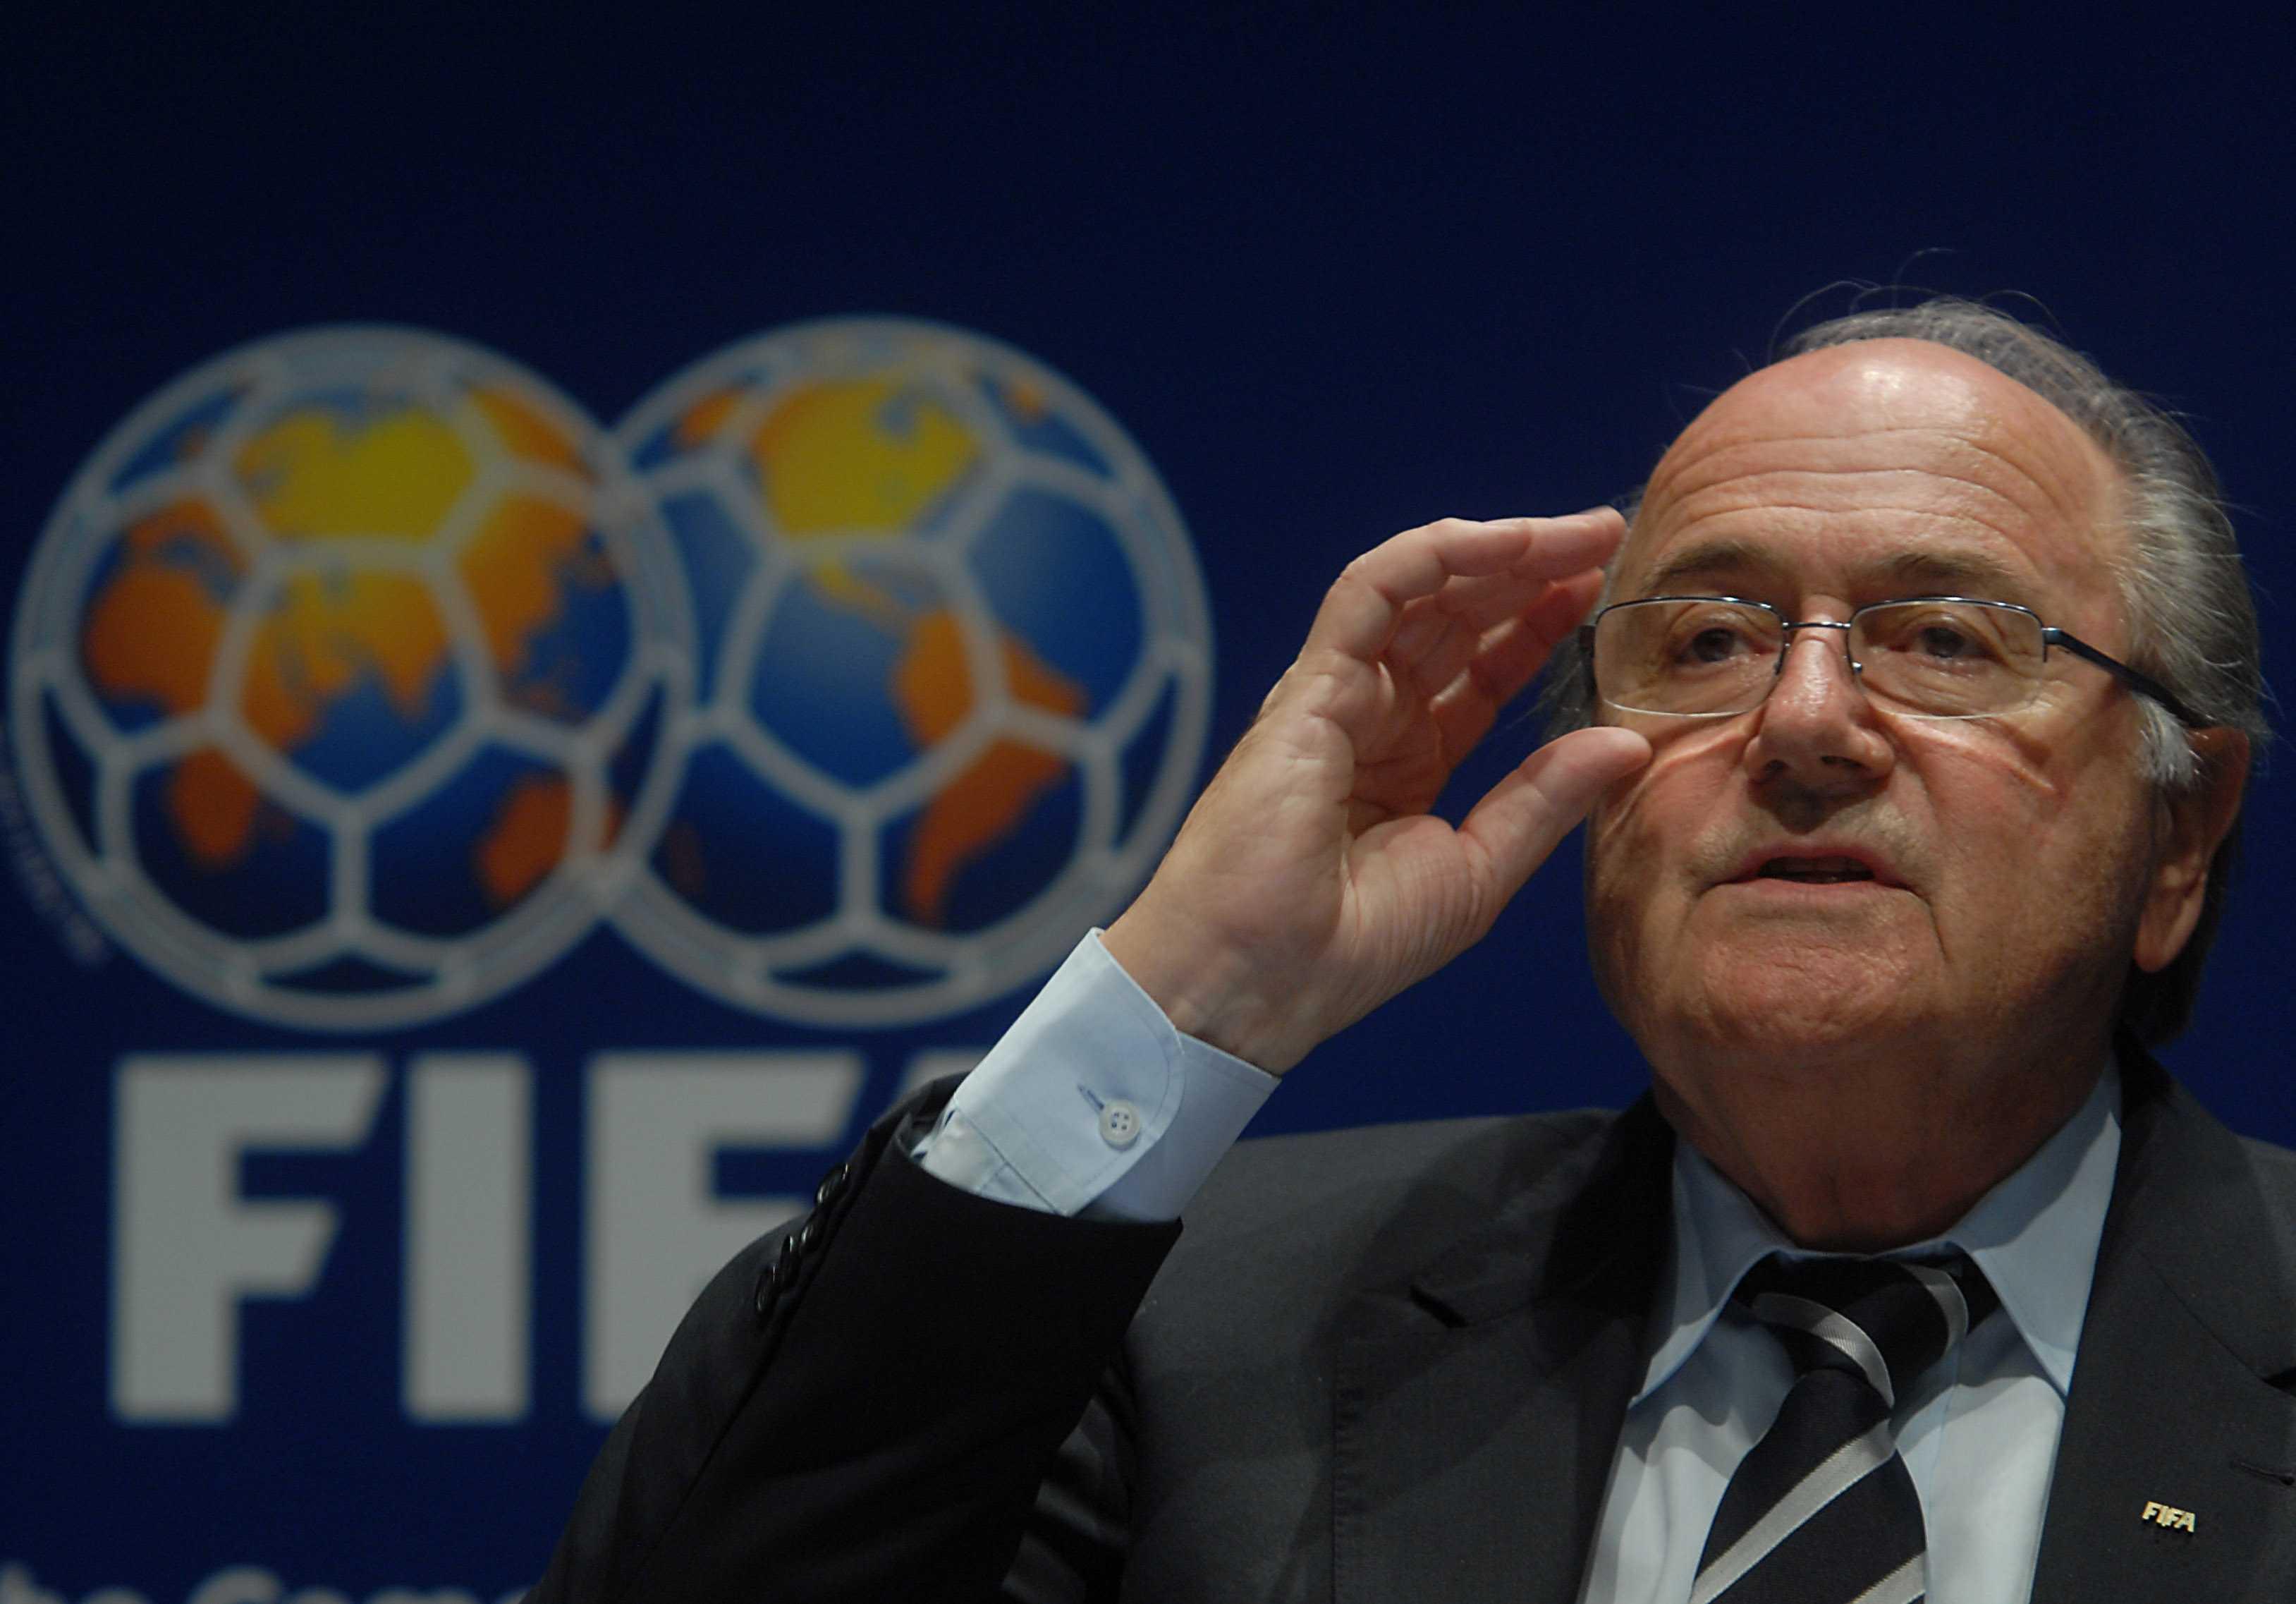 Mr. Blatter adresses the media.